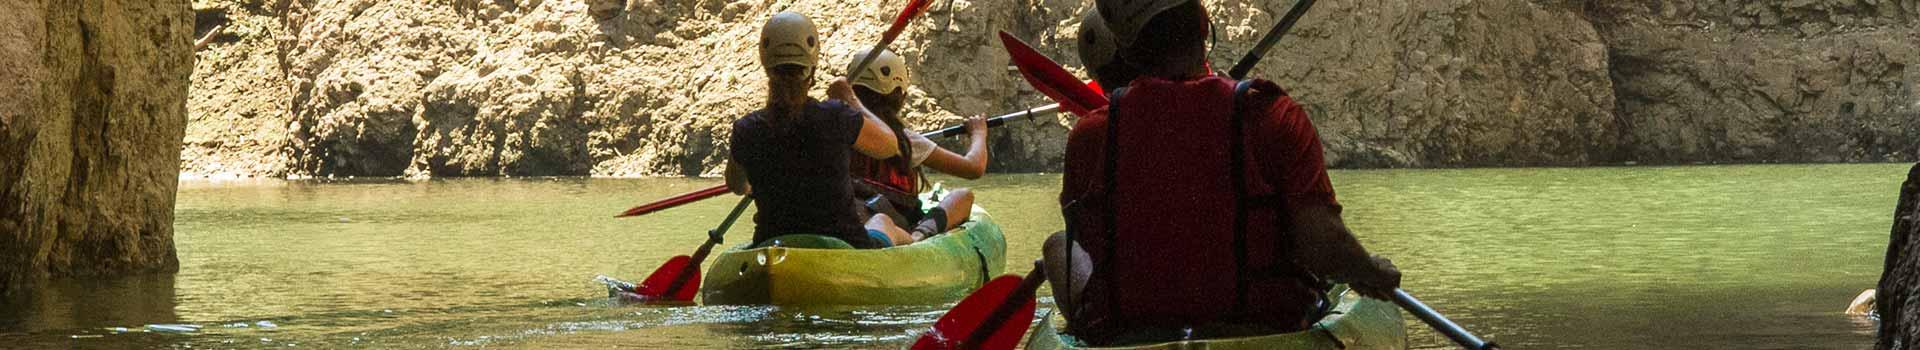 canoa Val di Non Lago